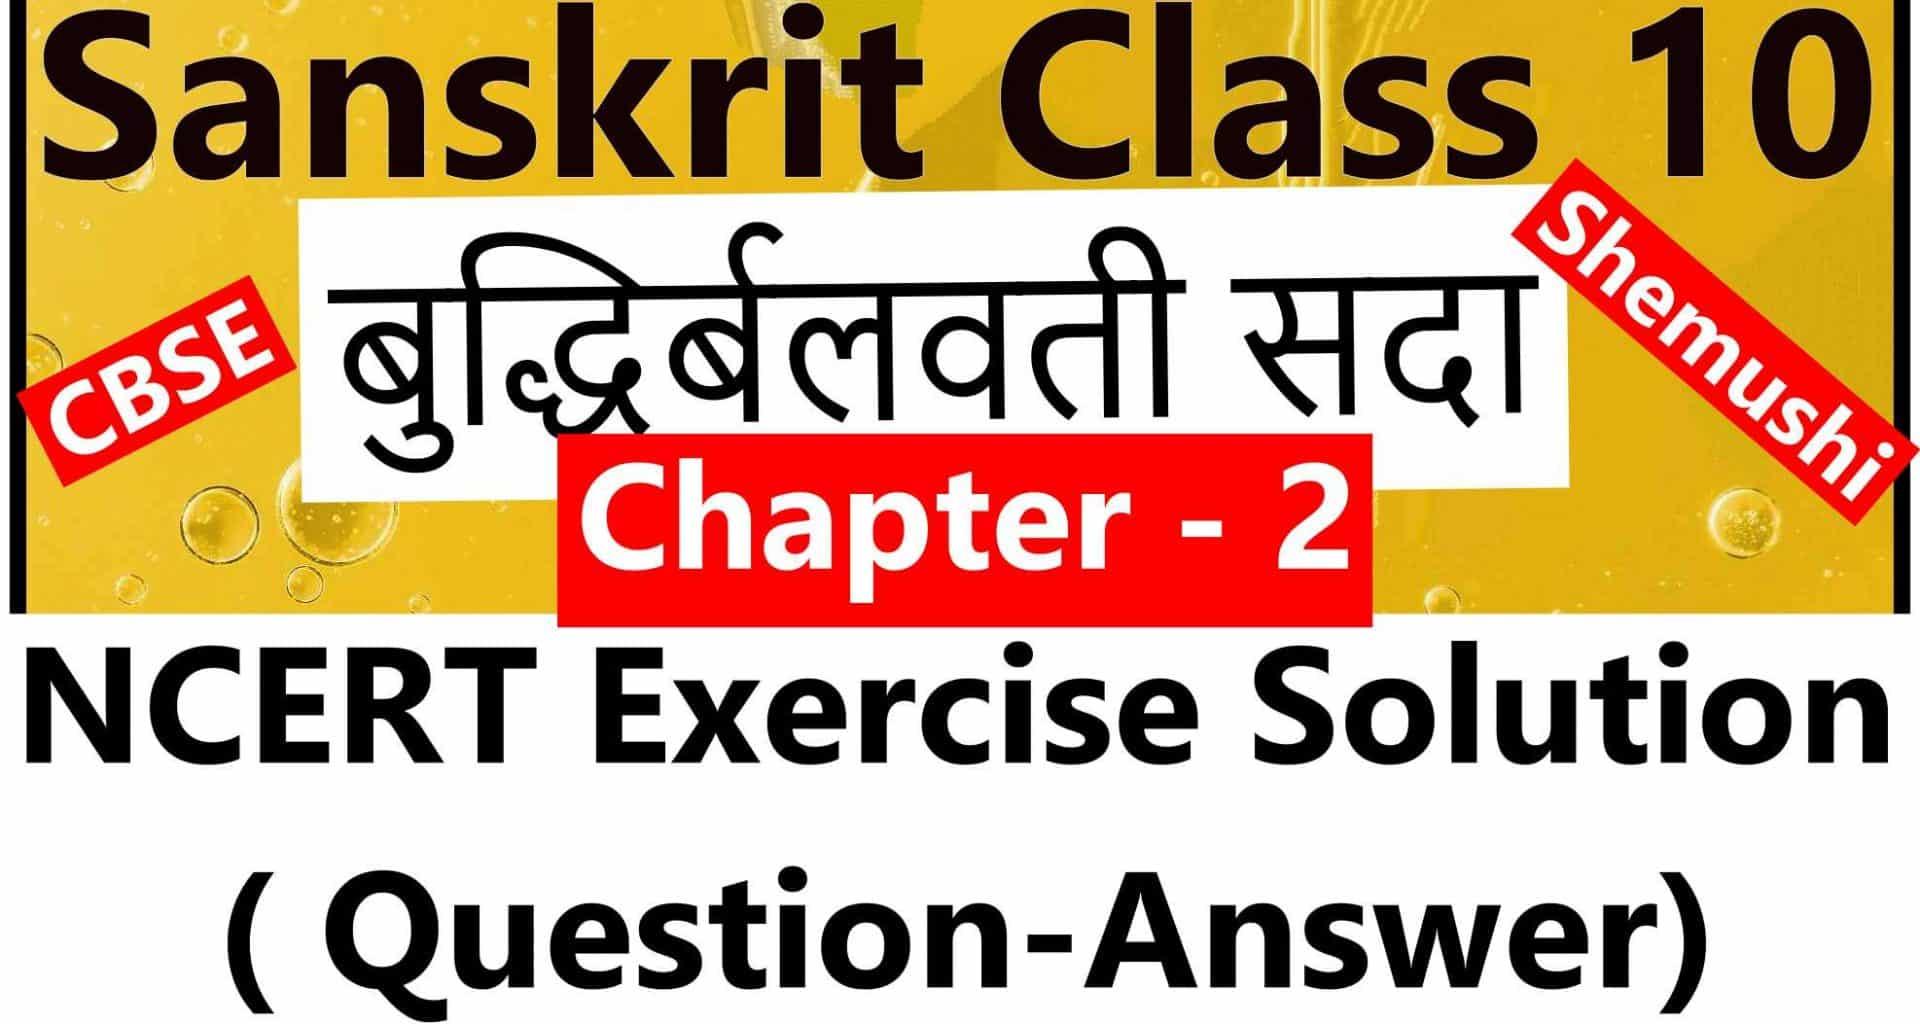 Sanskrit Class 10 - Chapter 2 - बुद्धिर्बलवती सदा - NCERT Exercise Solution (Question-Answer)